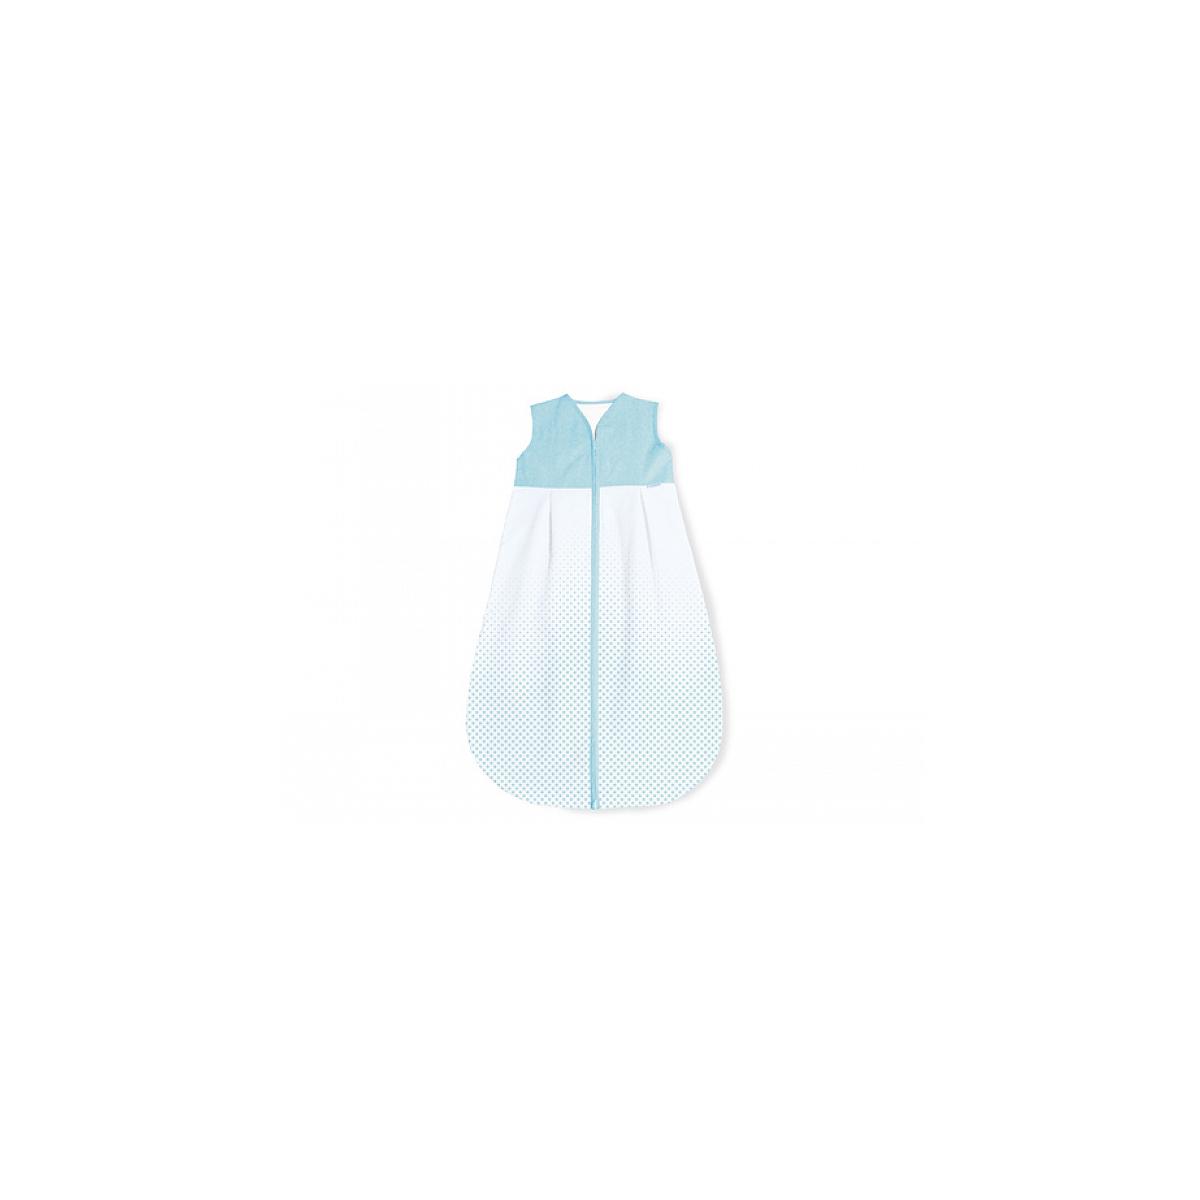 Pinolino - Gigoteuse en percale Running Stars bleu clair hiver 110 cm